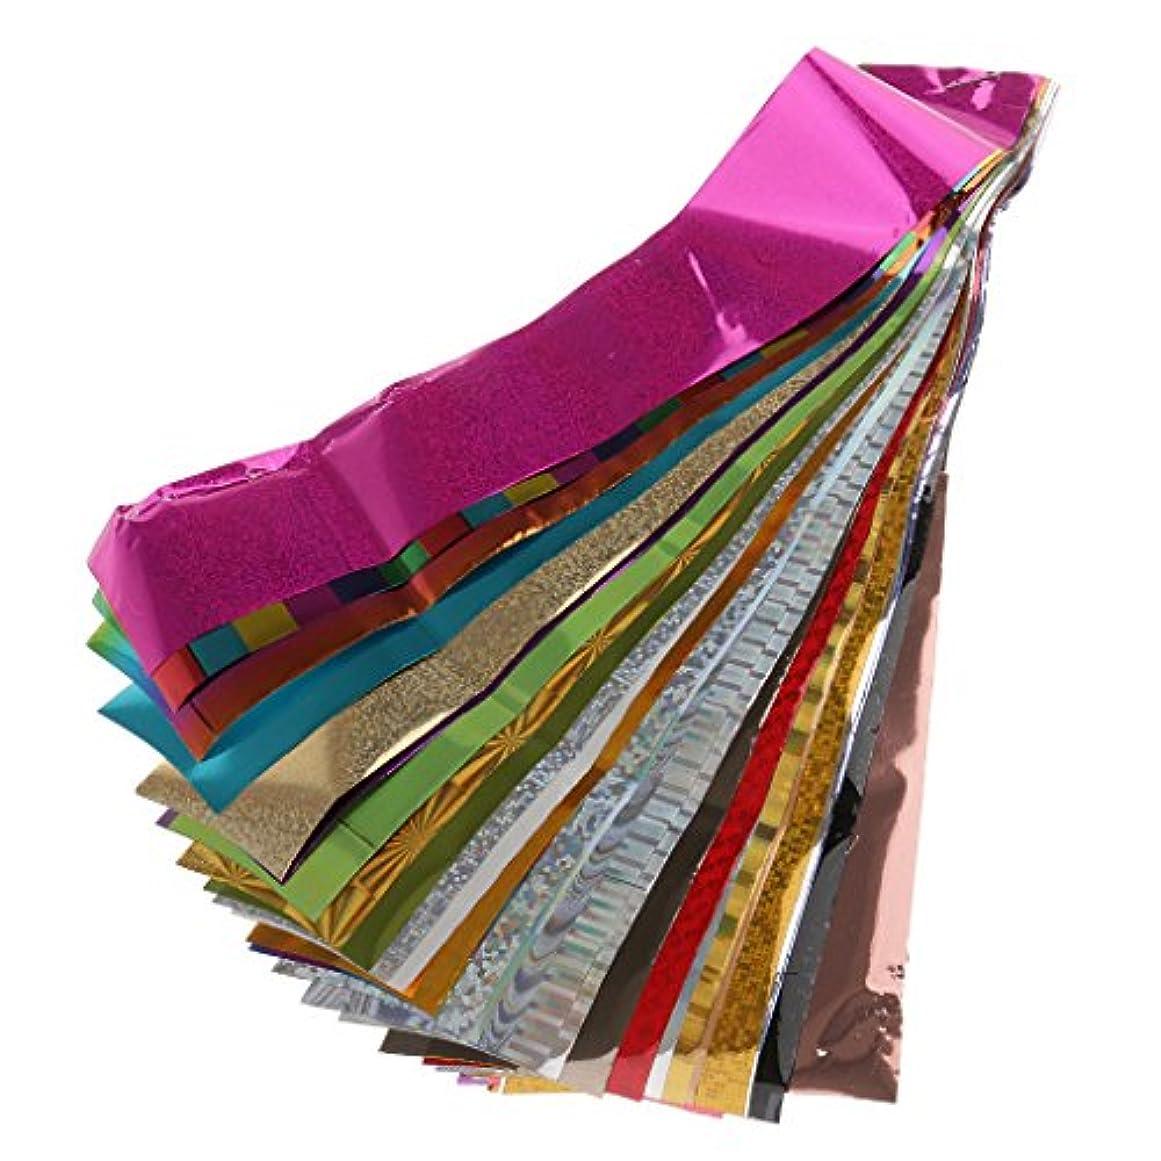 感謝している増幅する上に築きますPerfk 50個/セット 爪 転送箔 キラキラ ネイルアート ステッカー デカール DIY 装飾 魅力的 人気